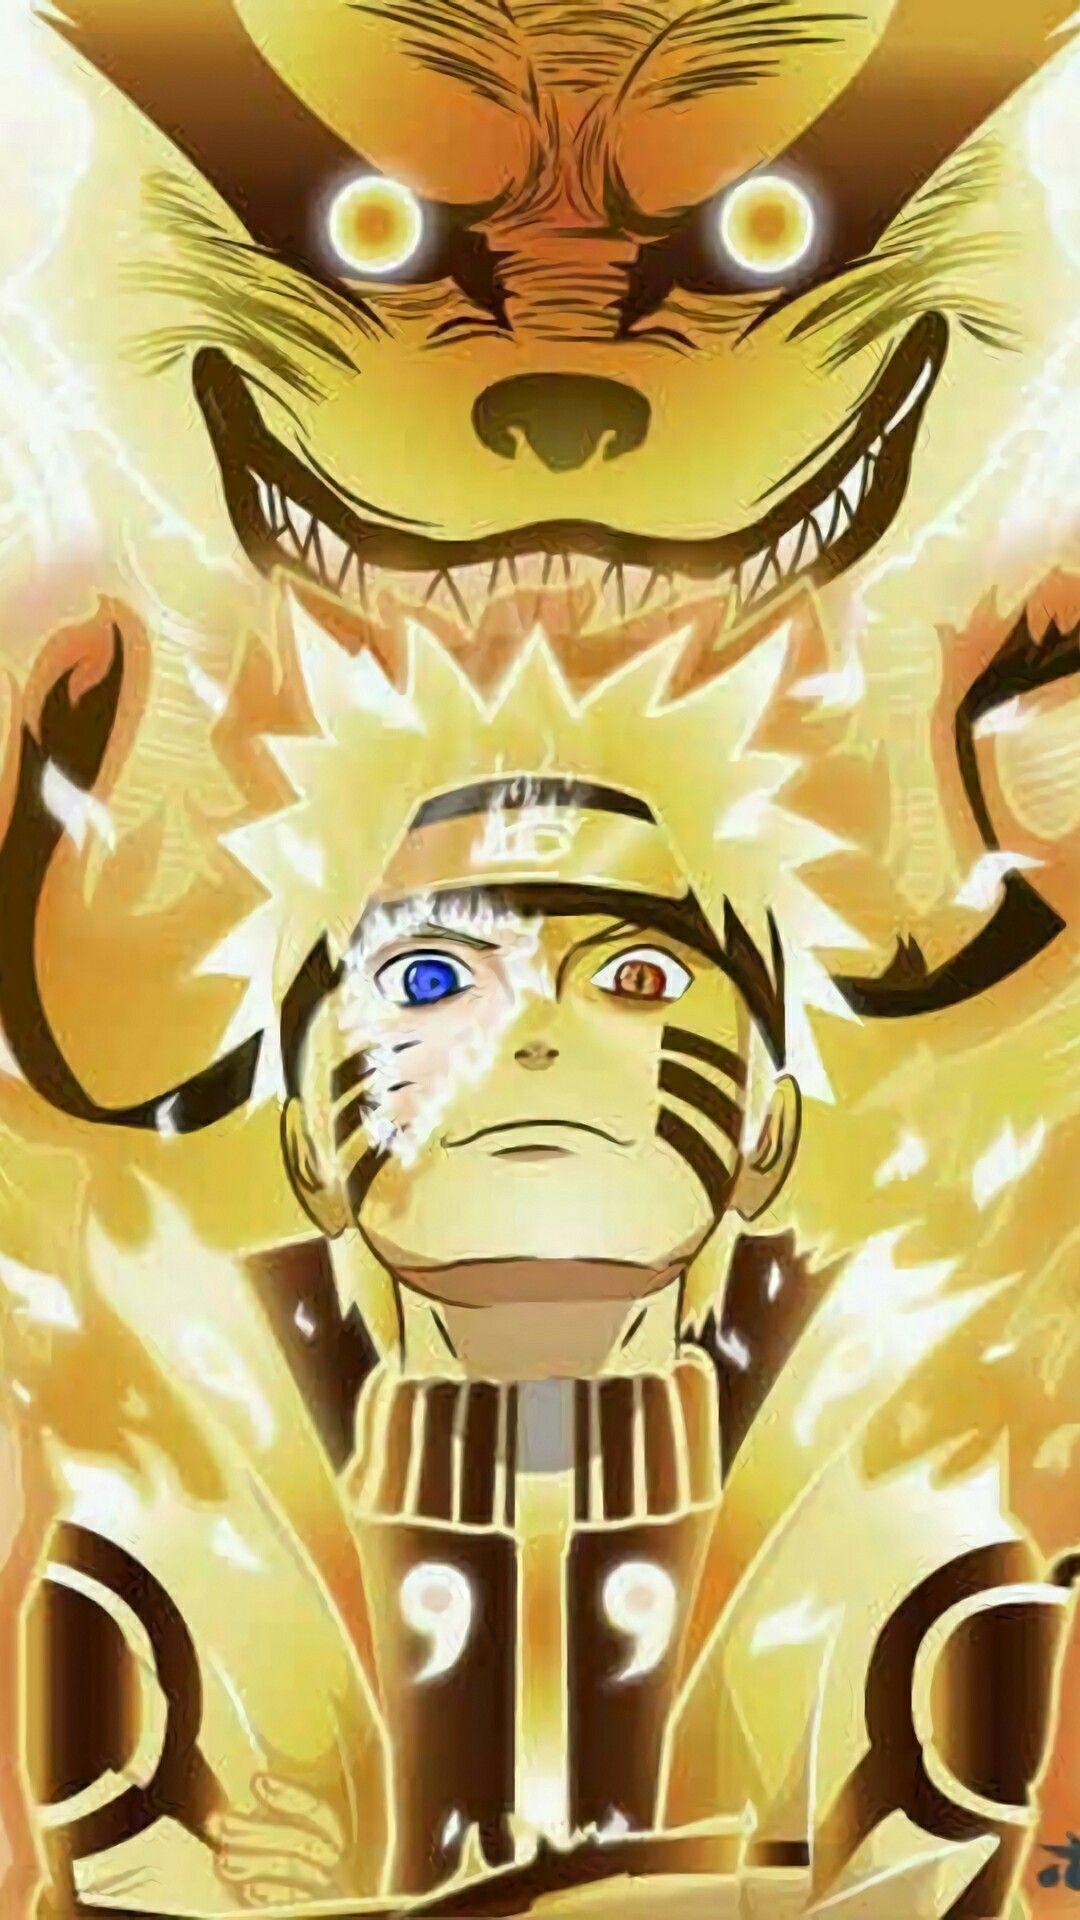 Naruto kurama naruto shippuden anime manga naruto naruto uzumaki e naruto shippuden - Manga naruto shippuden ...